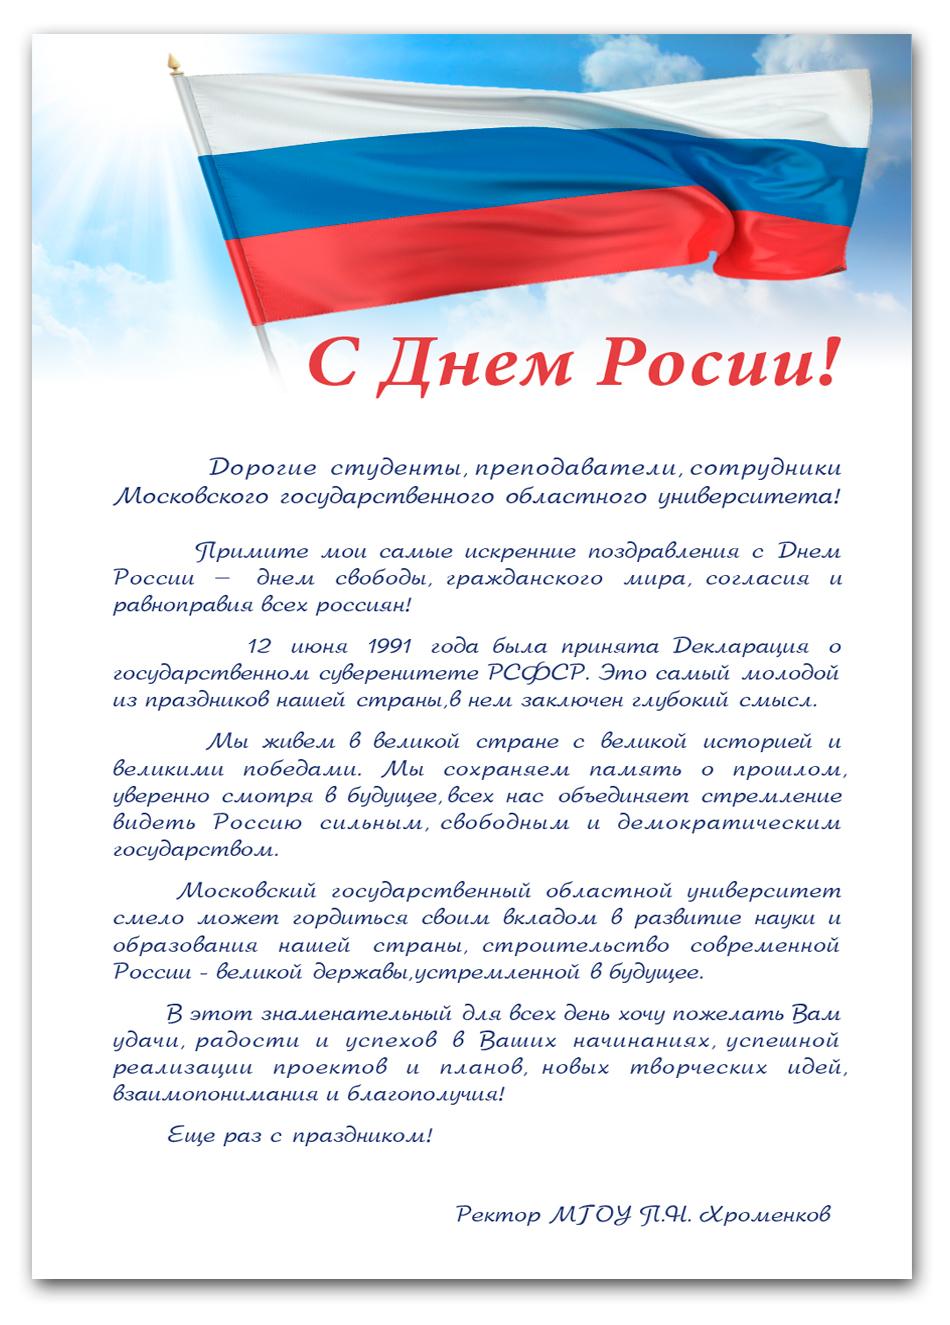 Поздравления на День России 2018 в 69